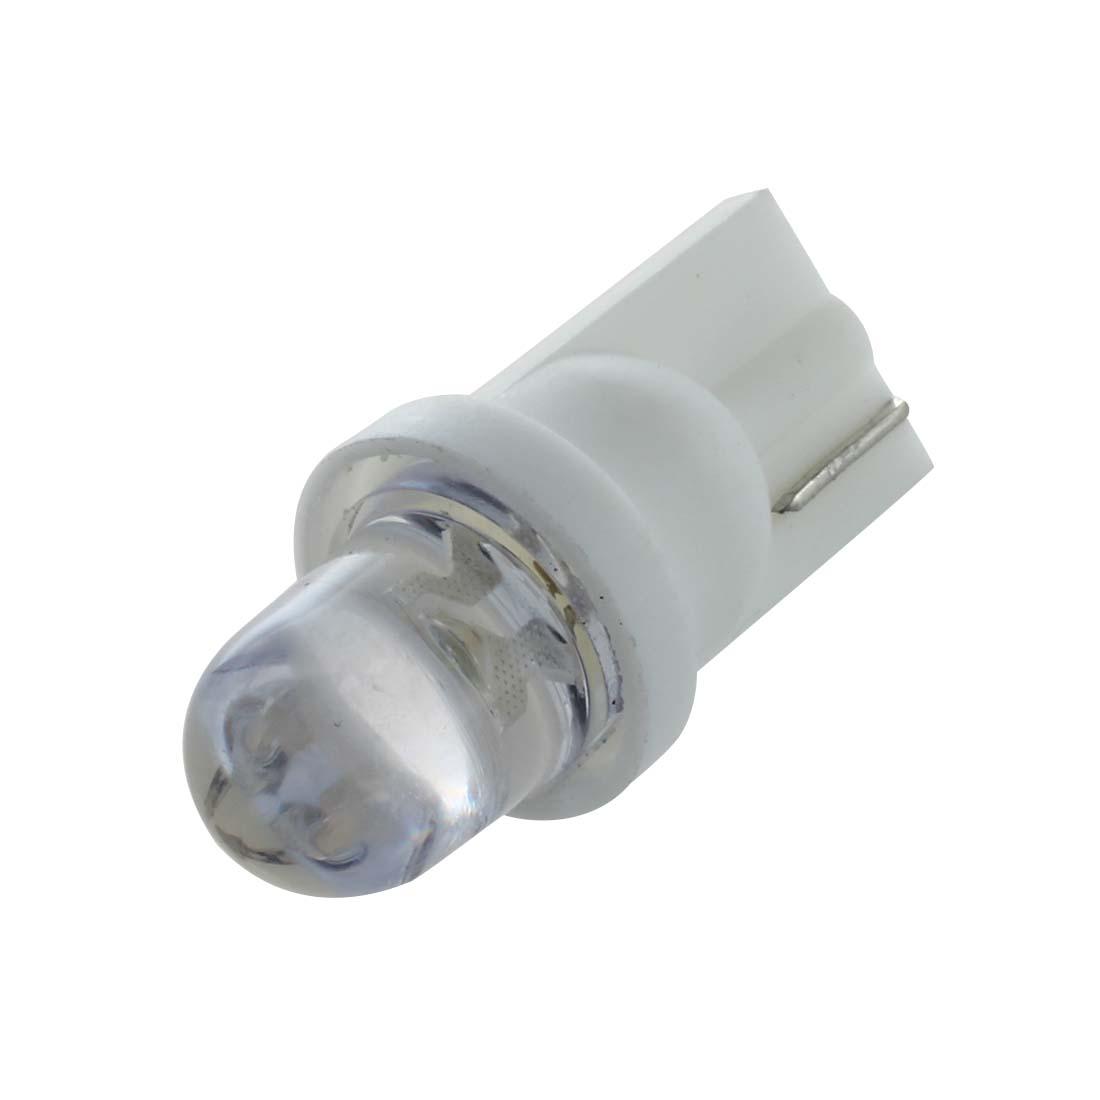 lot 10 voiture ampoule lampe veilleuses led w5w t10 effet. Black Bedroom Furniture Sets. Home Design Ideas